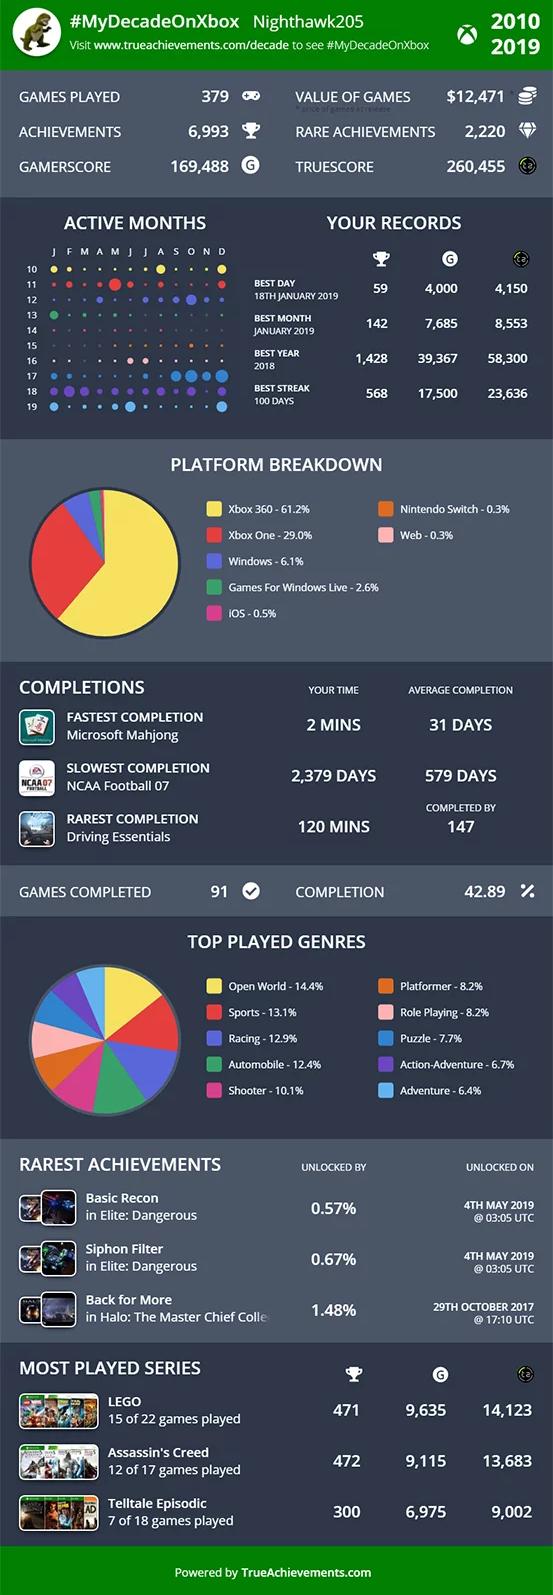 一张图告诉你这十年在Xbox平台获得的成就